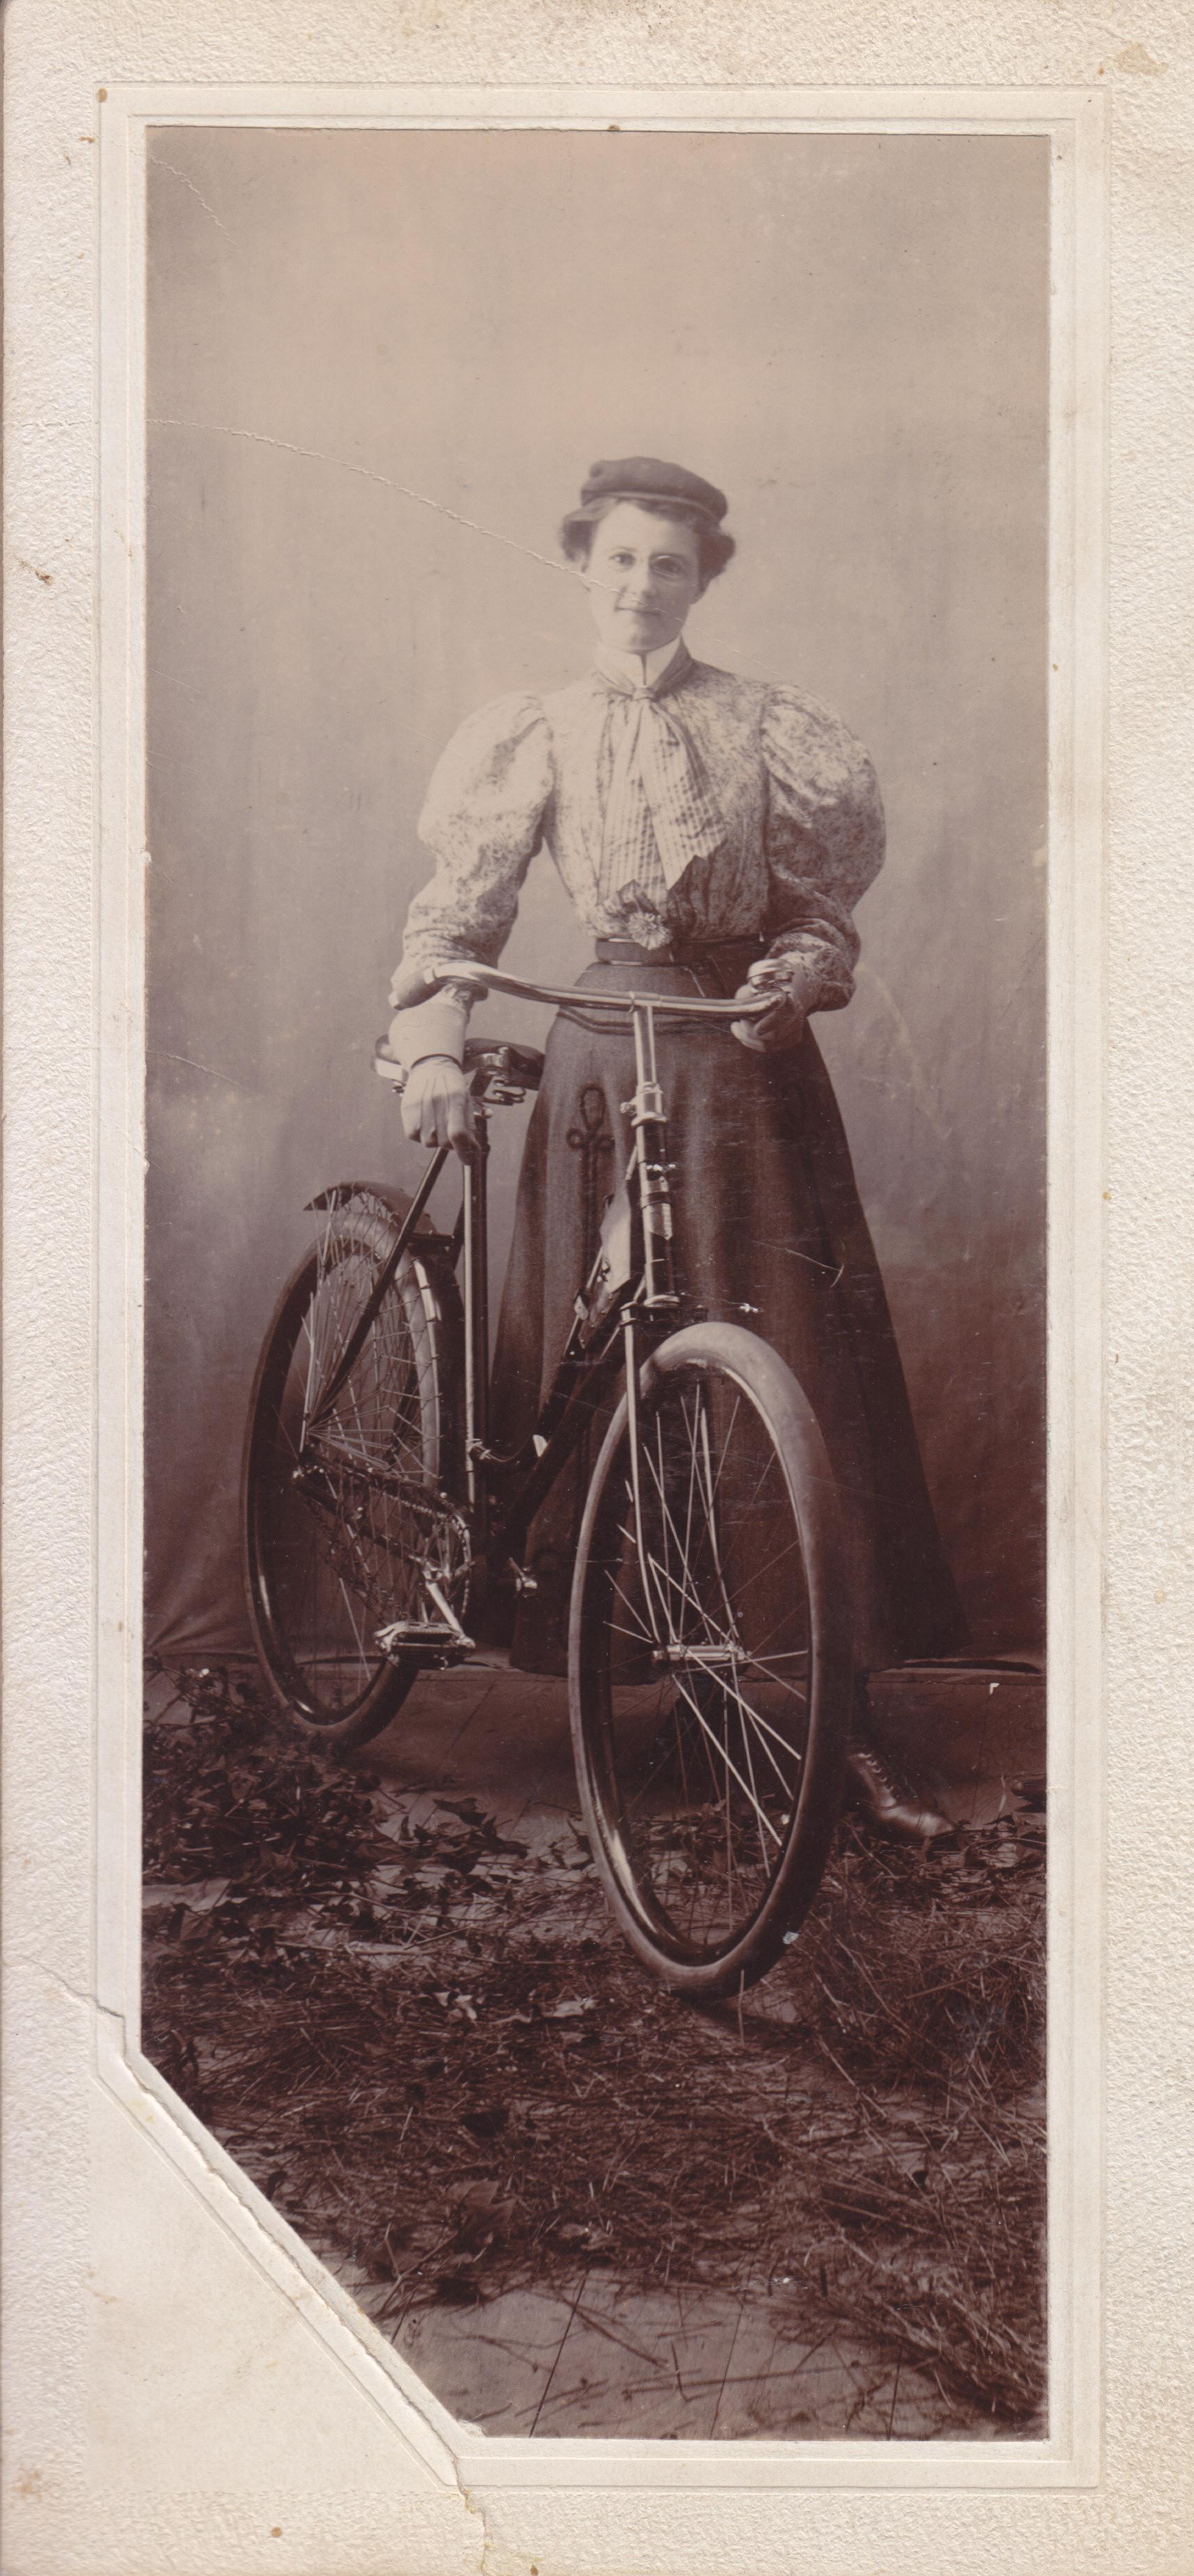 Studio portrait with bicycle, mid-1890s.